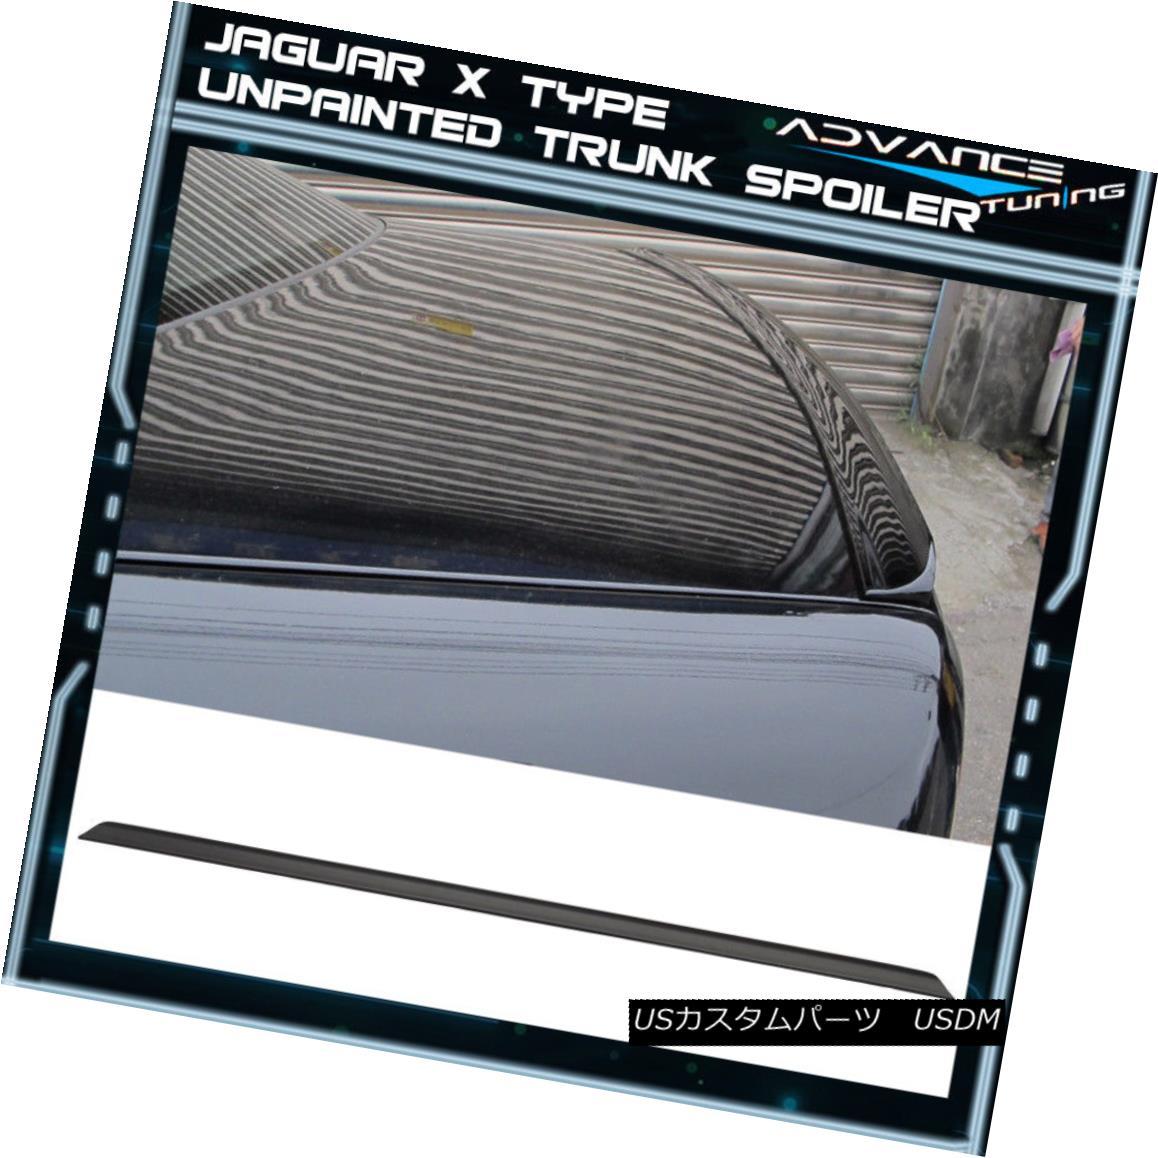 エアロパーツ 01-08 Jaguar X Type X400 PV Style Unpainted Black Trunk Spoiler - PUF 01-08ジャガーXタイプX400 PVスタイル無塗装ブラックトランクスポイラー - PUF